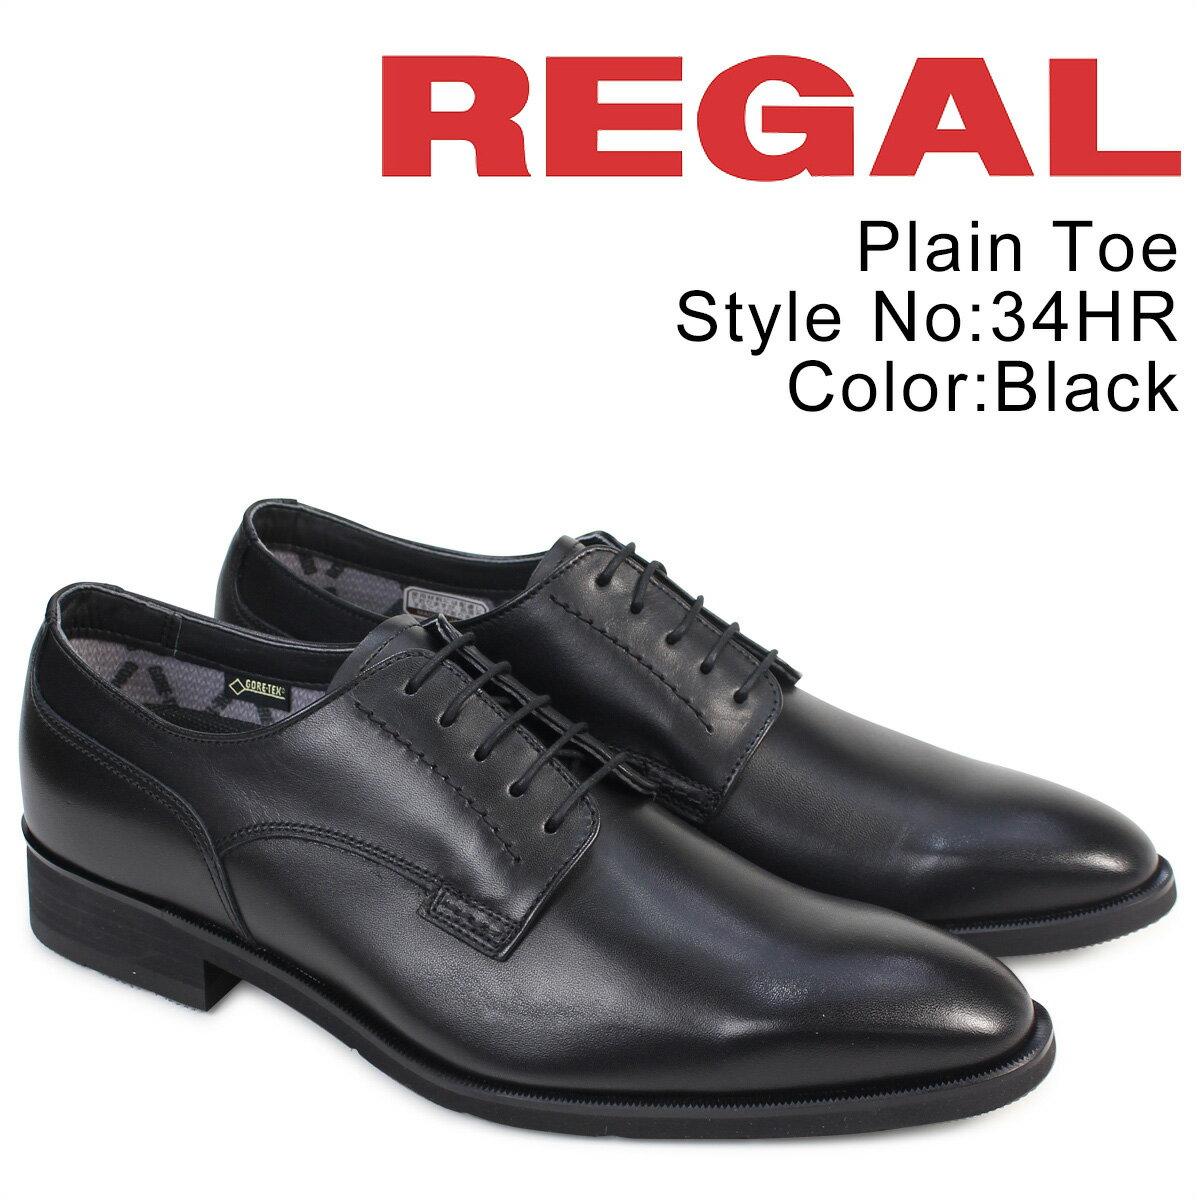 REGAL 靴 メンズ リーガル ビジネスシューズ 34HR BB プレーントゥ  防水 日本製 ブラック [8/26 追加入荷] [178]